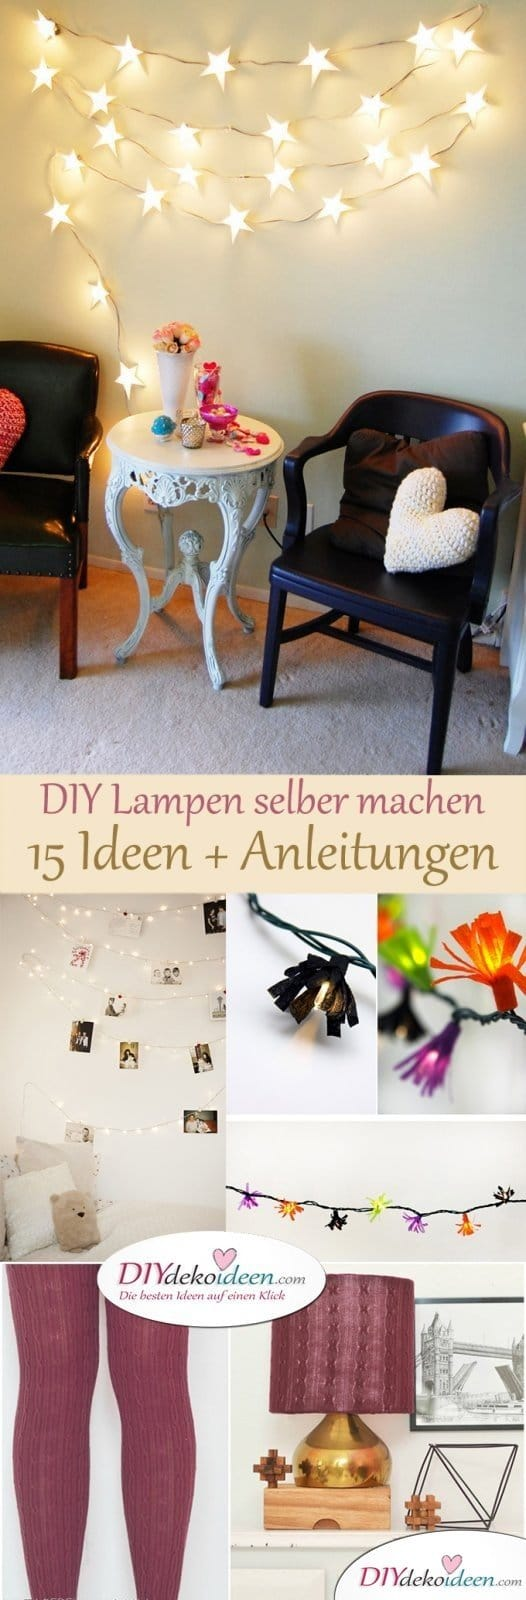 diy lampen selber machen - die schönsten bastelideen für dein zimmer, Wohnzimmer dekoo